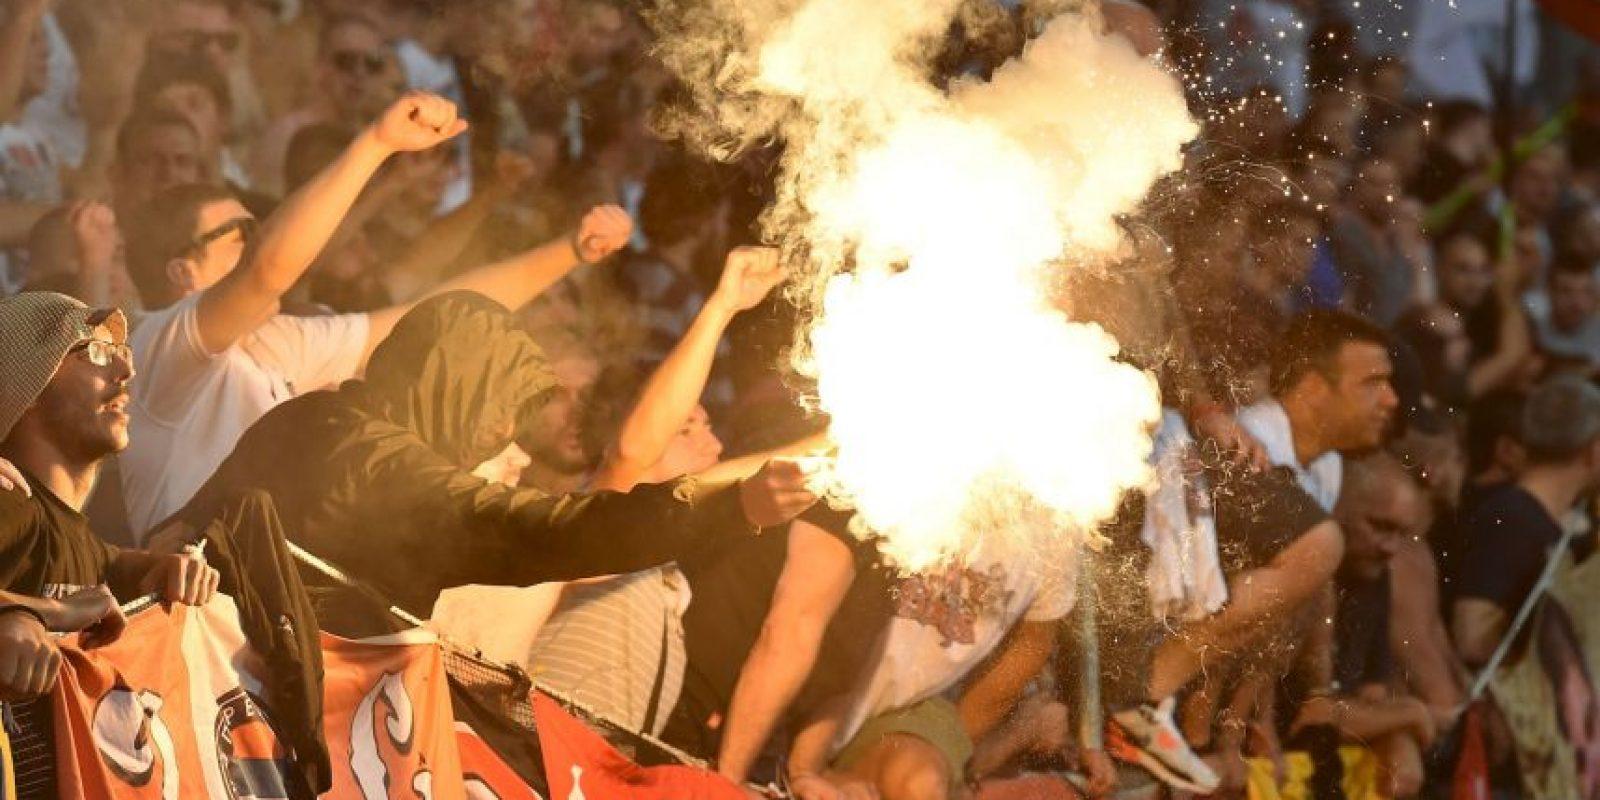 Getty Images Foto:La hinchada del Estrella Roja es reconocida por su violencia. Son conocidos por su vínculo con el famoso 'Tigre Arkan' y ser parte de las tropas que pelearon en las Guerra de los Balcanes. Los clásicos con Partizan suelen traer peleas entre ambas barras